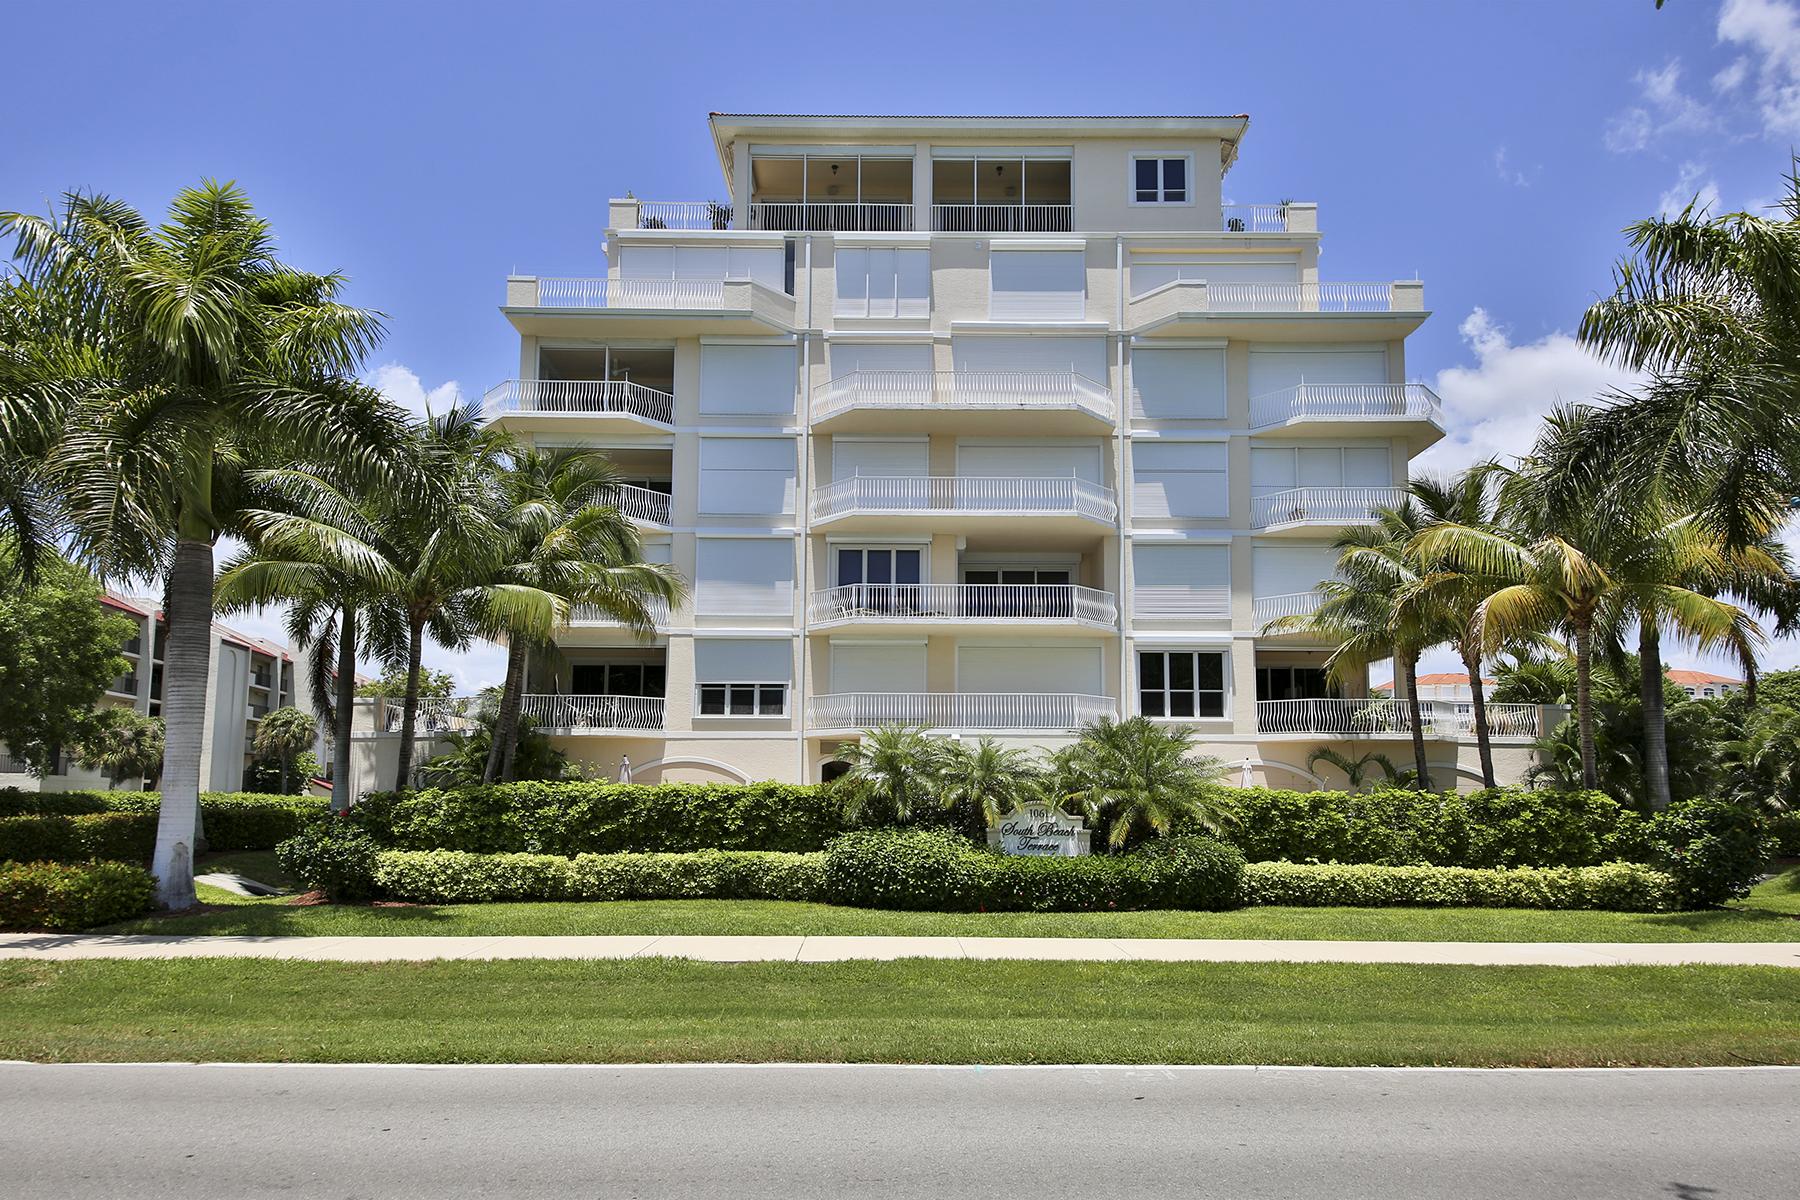 Kat Mülkiyeti için Satış at MARCO ISLAND - CAXAMBAS S BEACH TERRACE 1061 S Collier Blvd 401 Marco Island, Florida 34145 Amerika Birleşik Devletleri